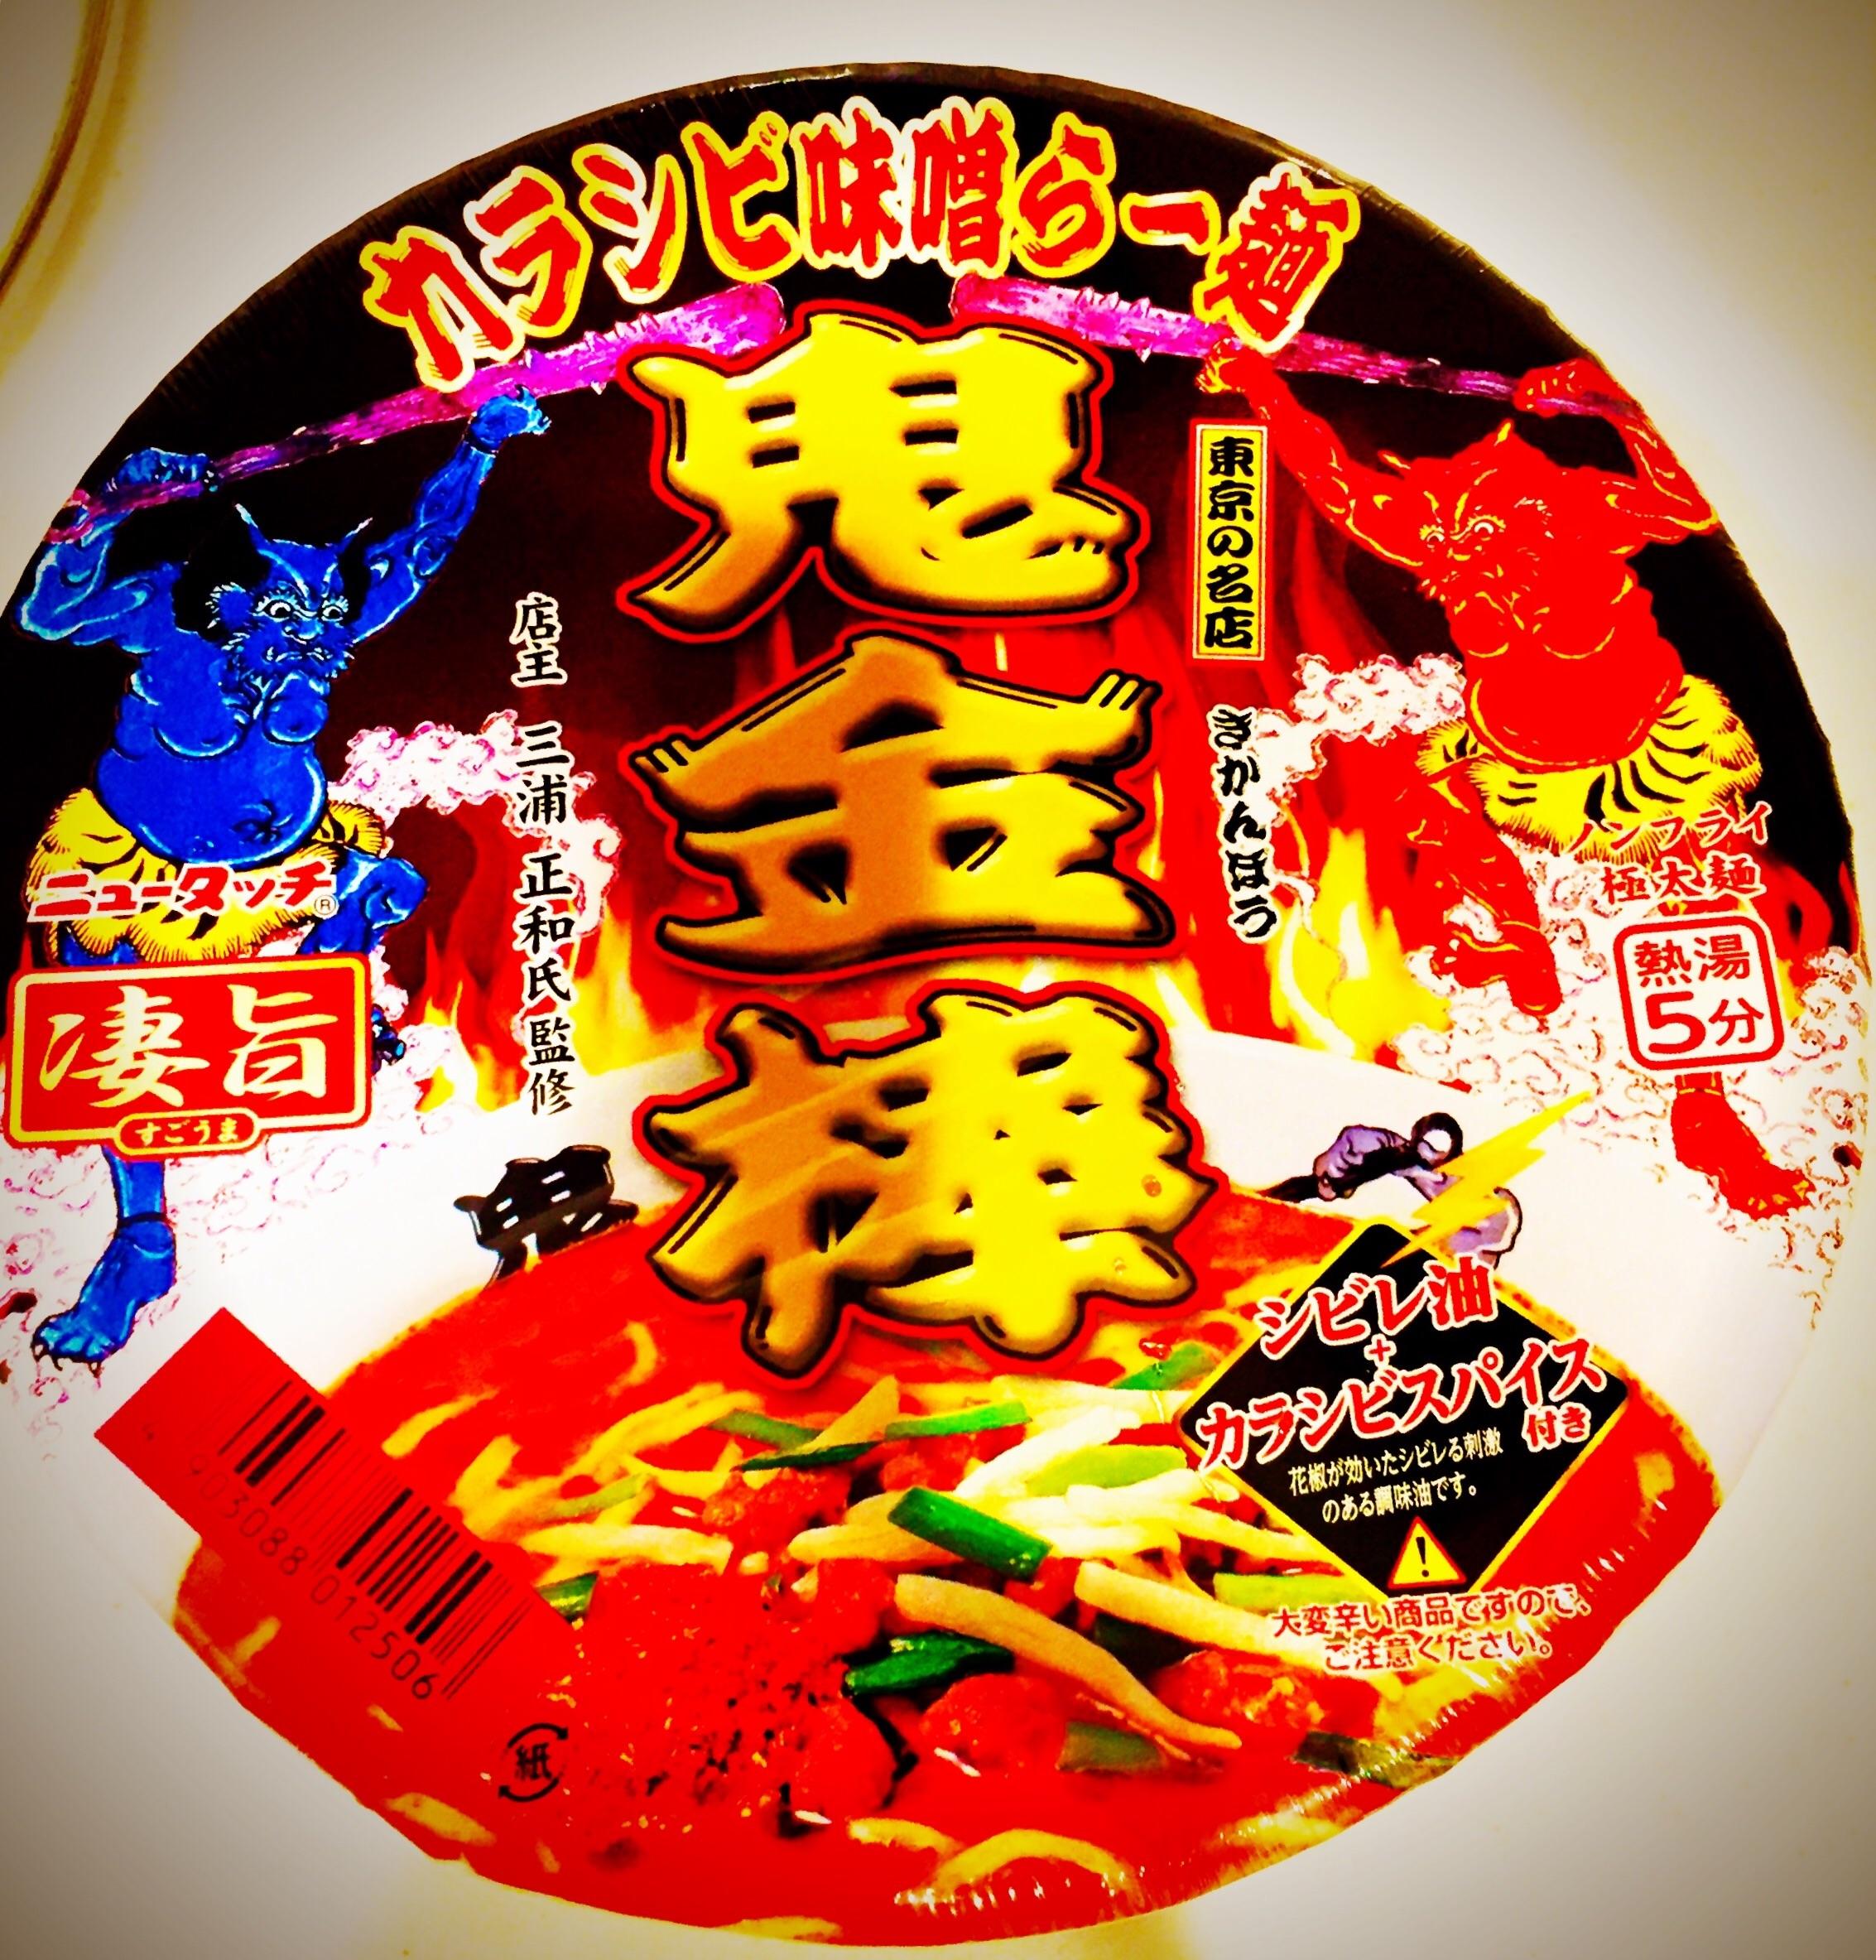 ニュータッチ 凄旨 鬼金棒カラシビ味噌らー麺